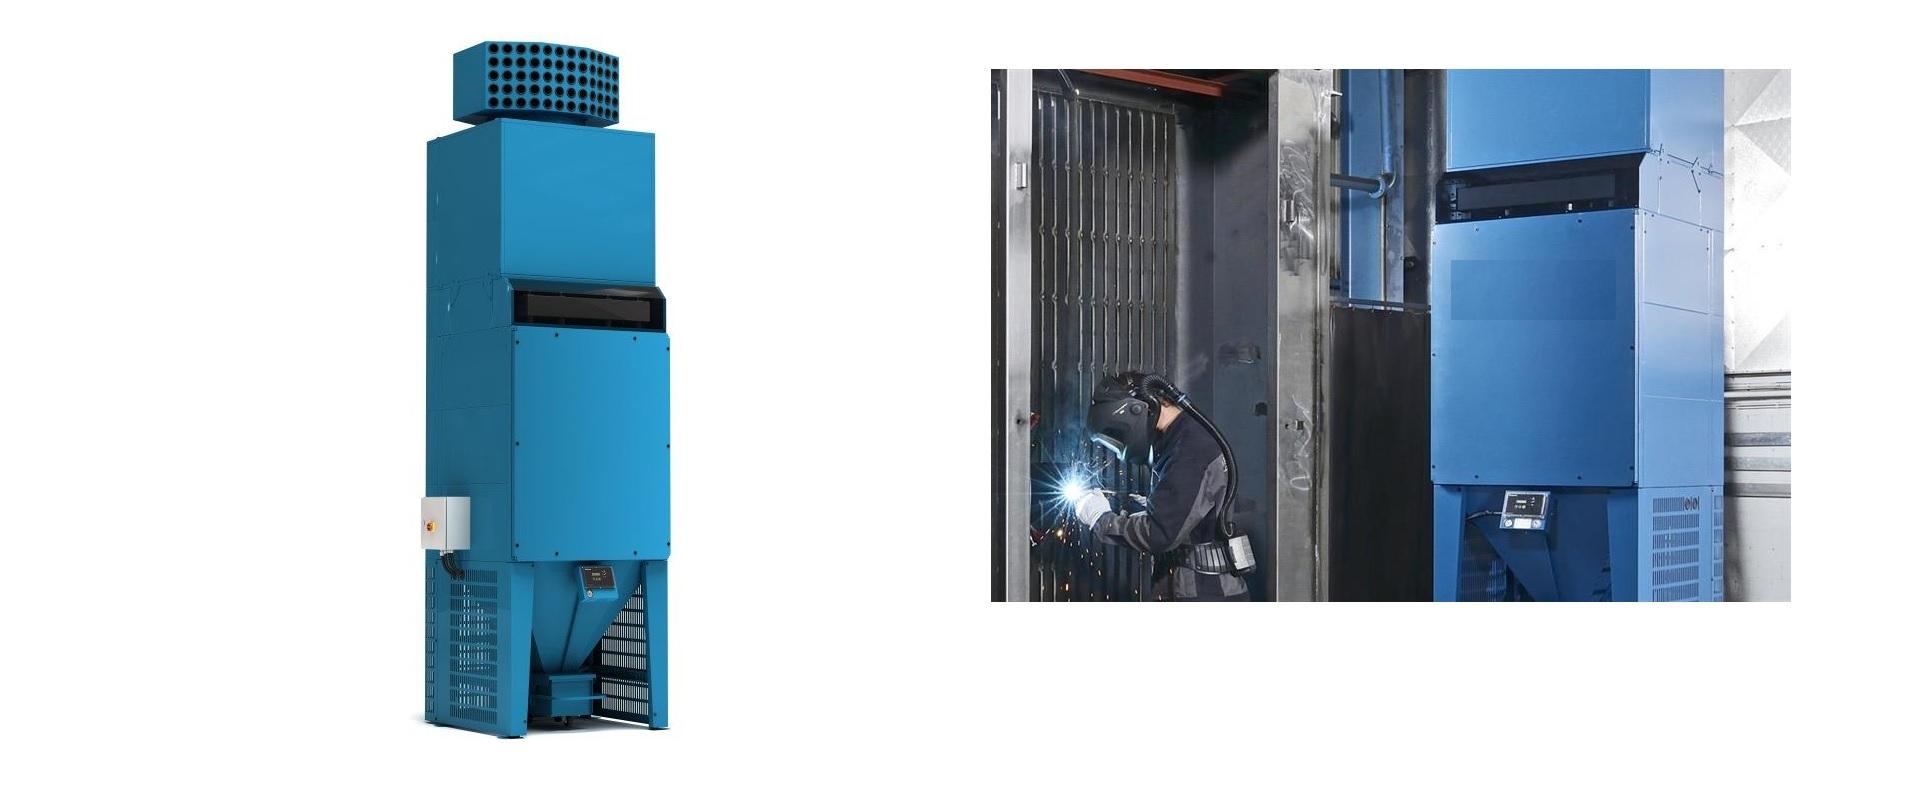 Filterturm für saubere Hallenluft – der MCP-16 RC Filterturm